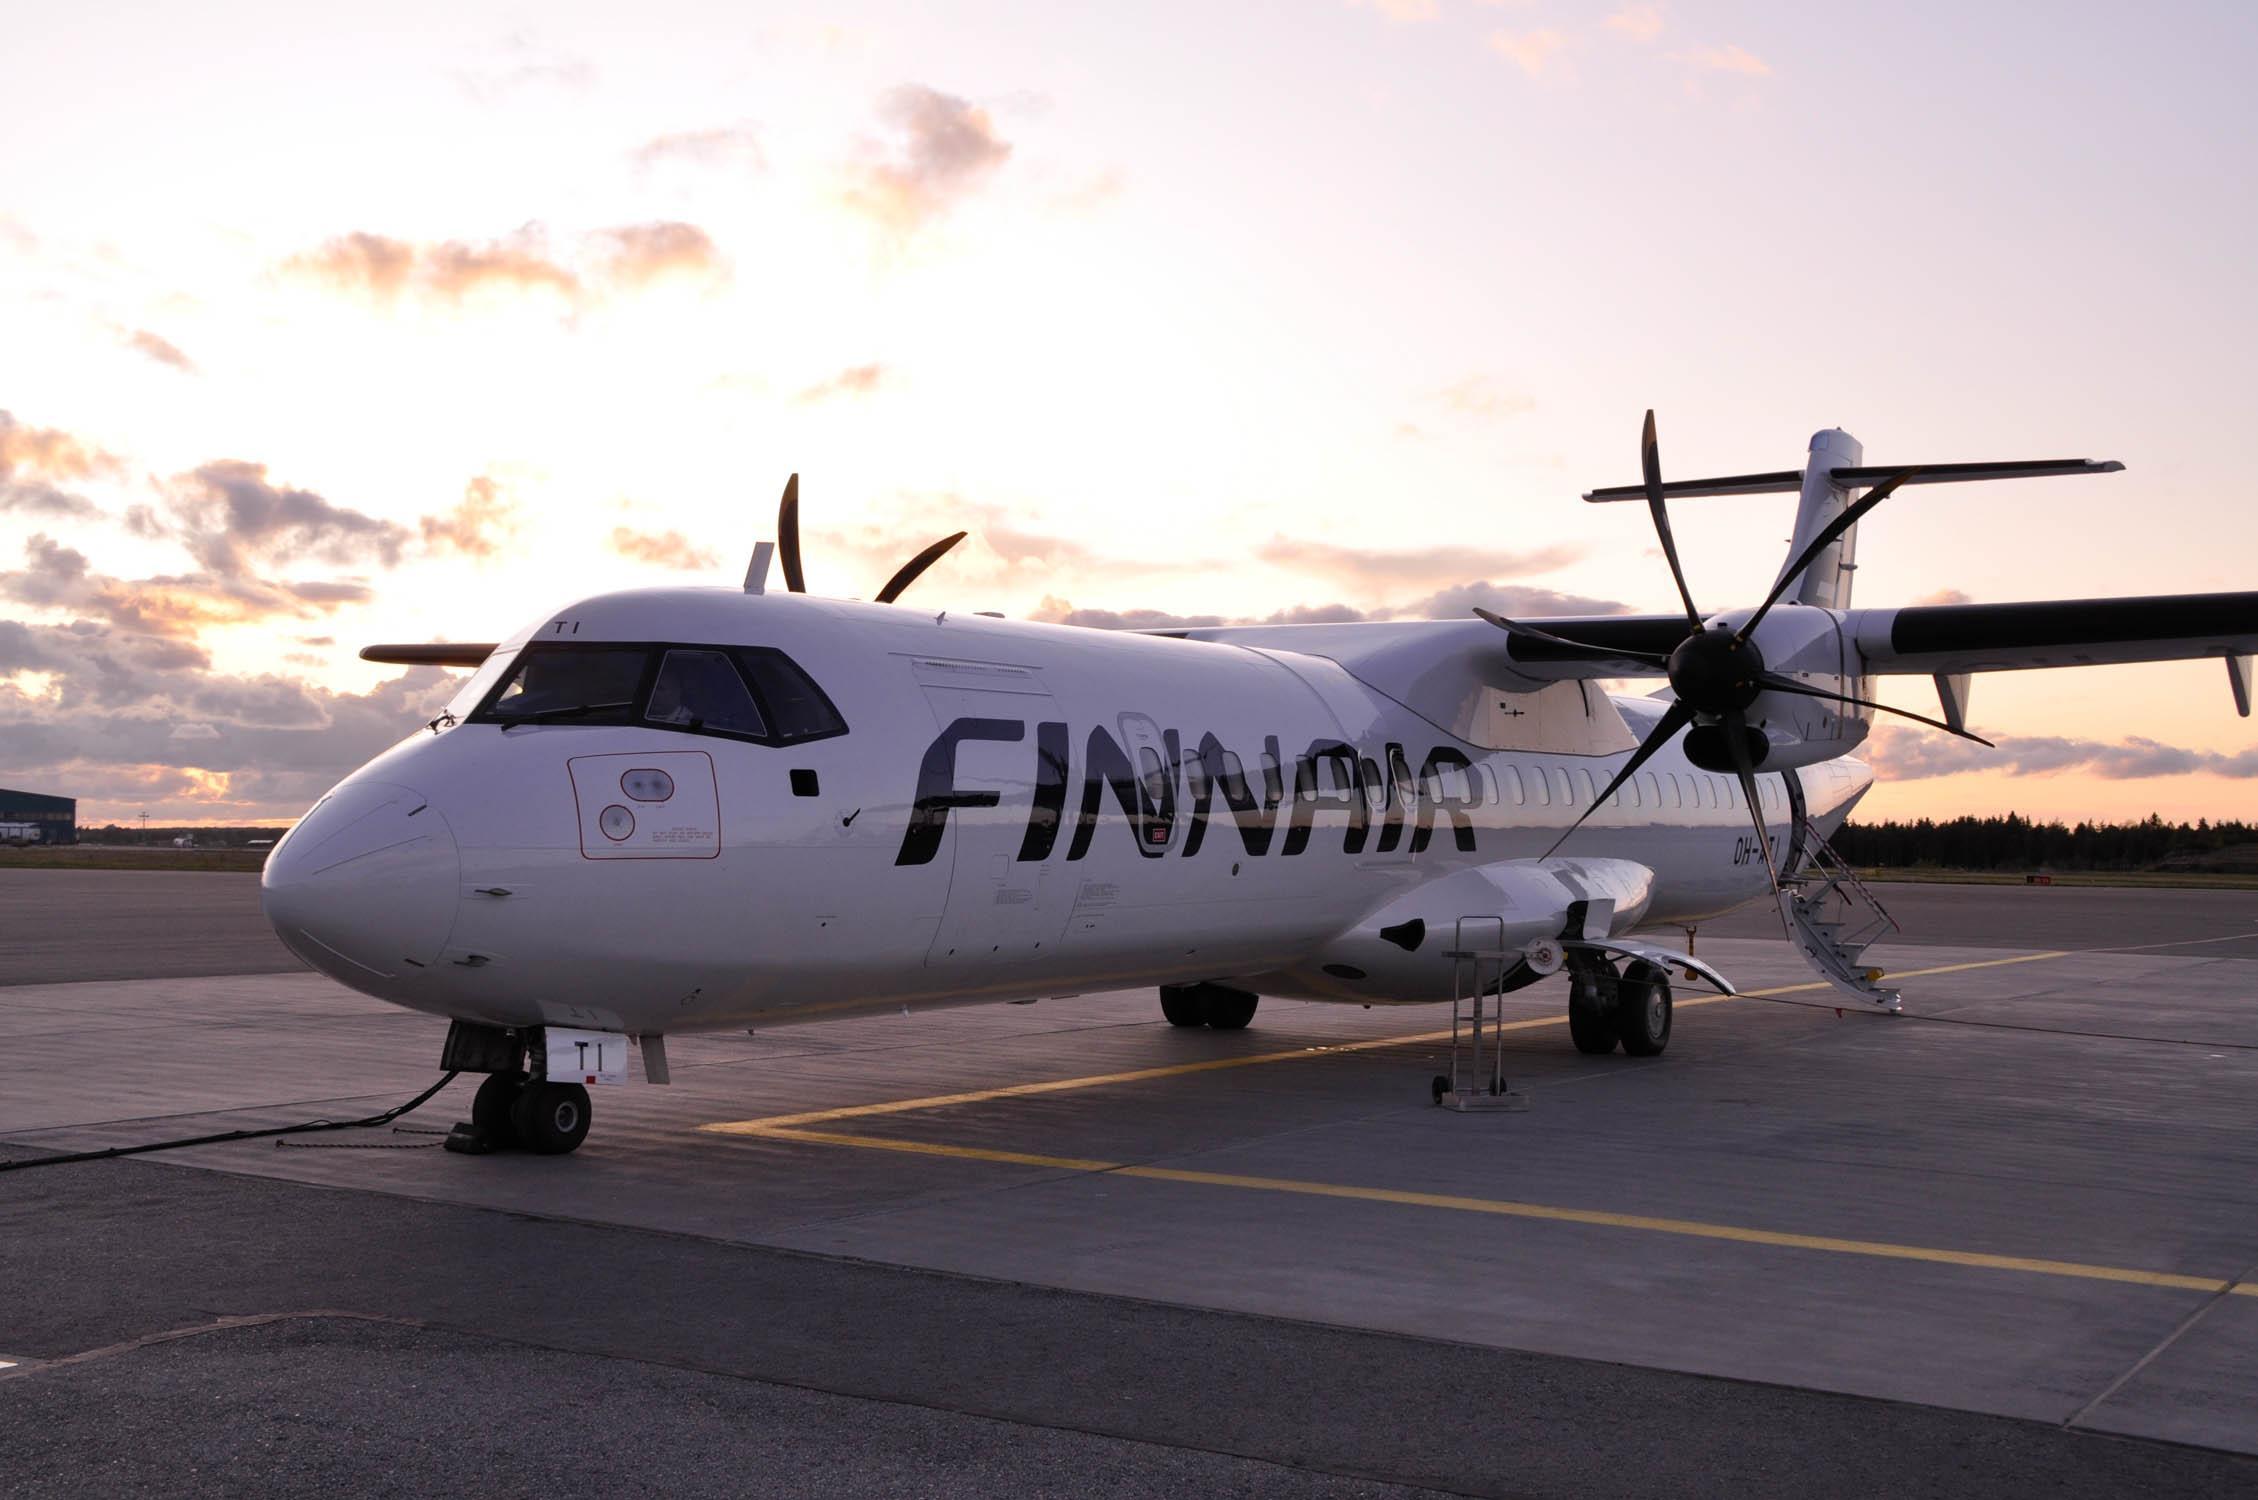 Åbo flygplats, Finnair, flygplan